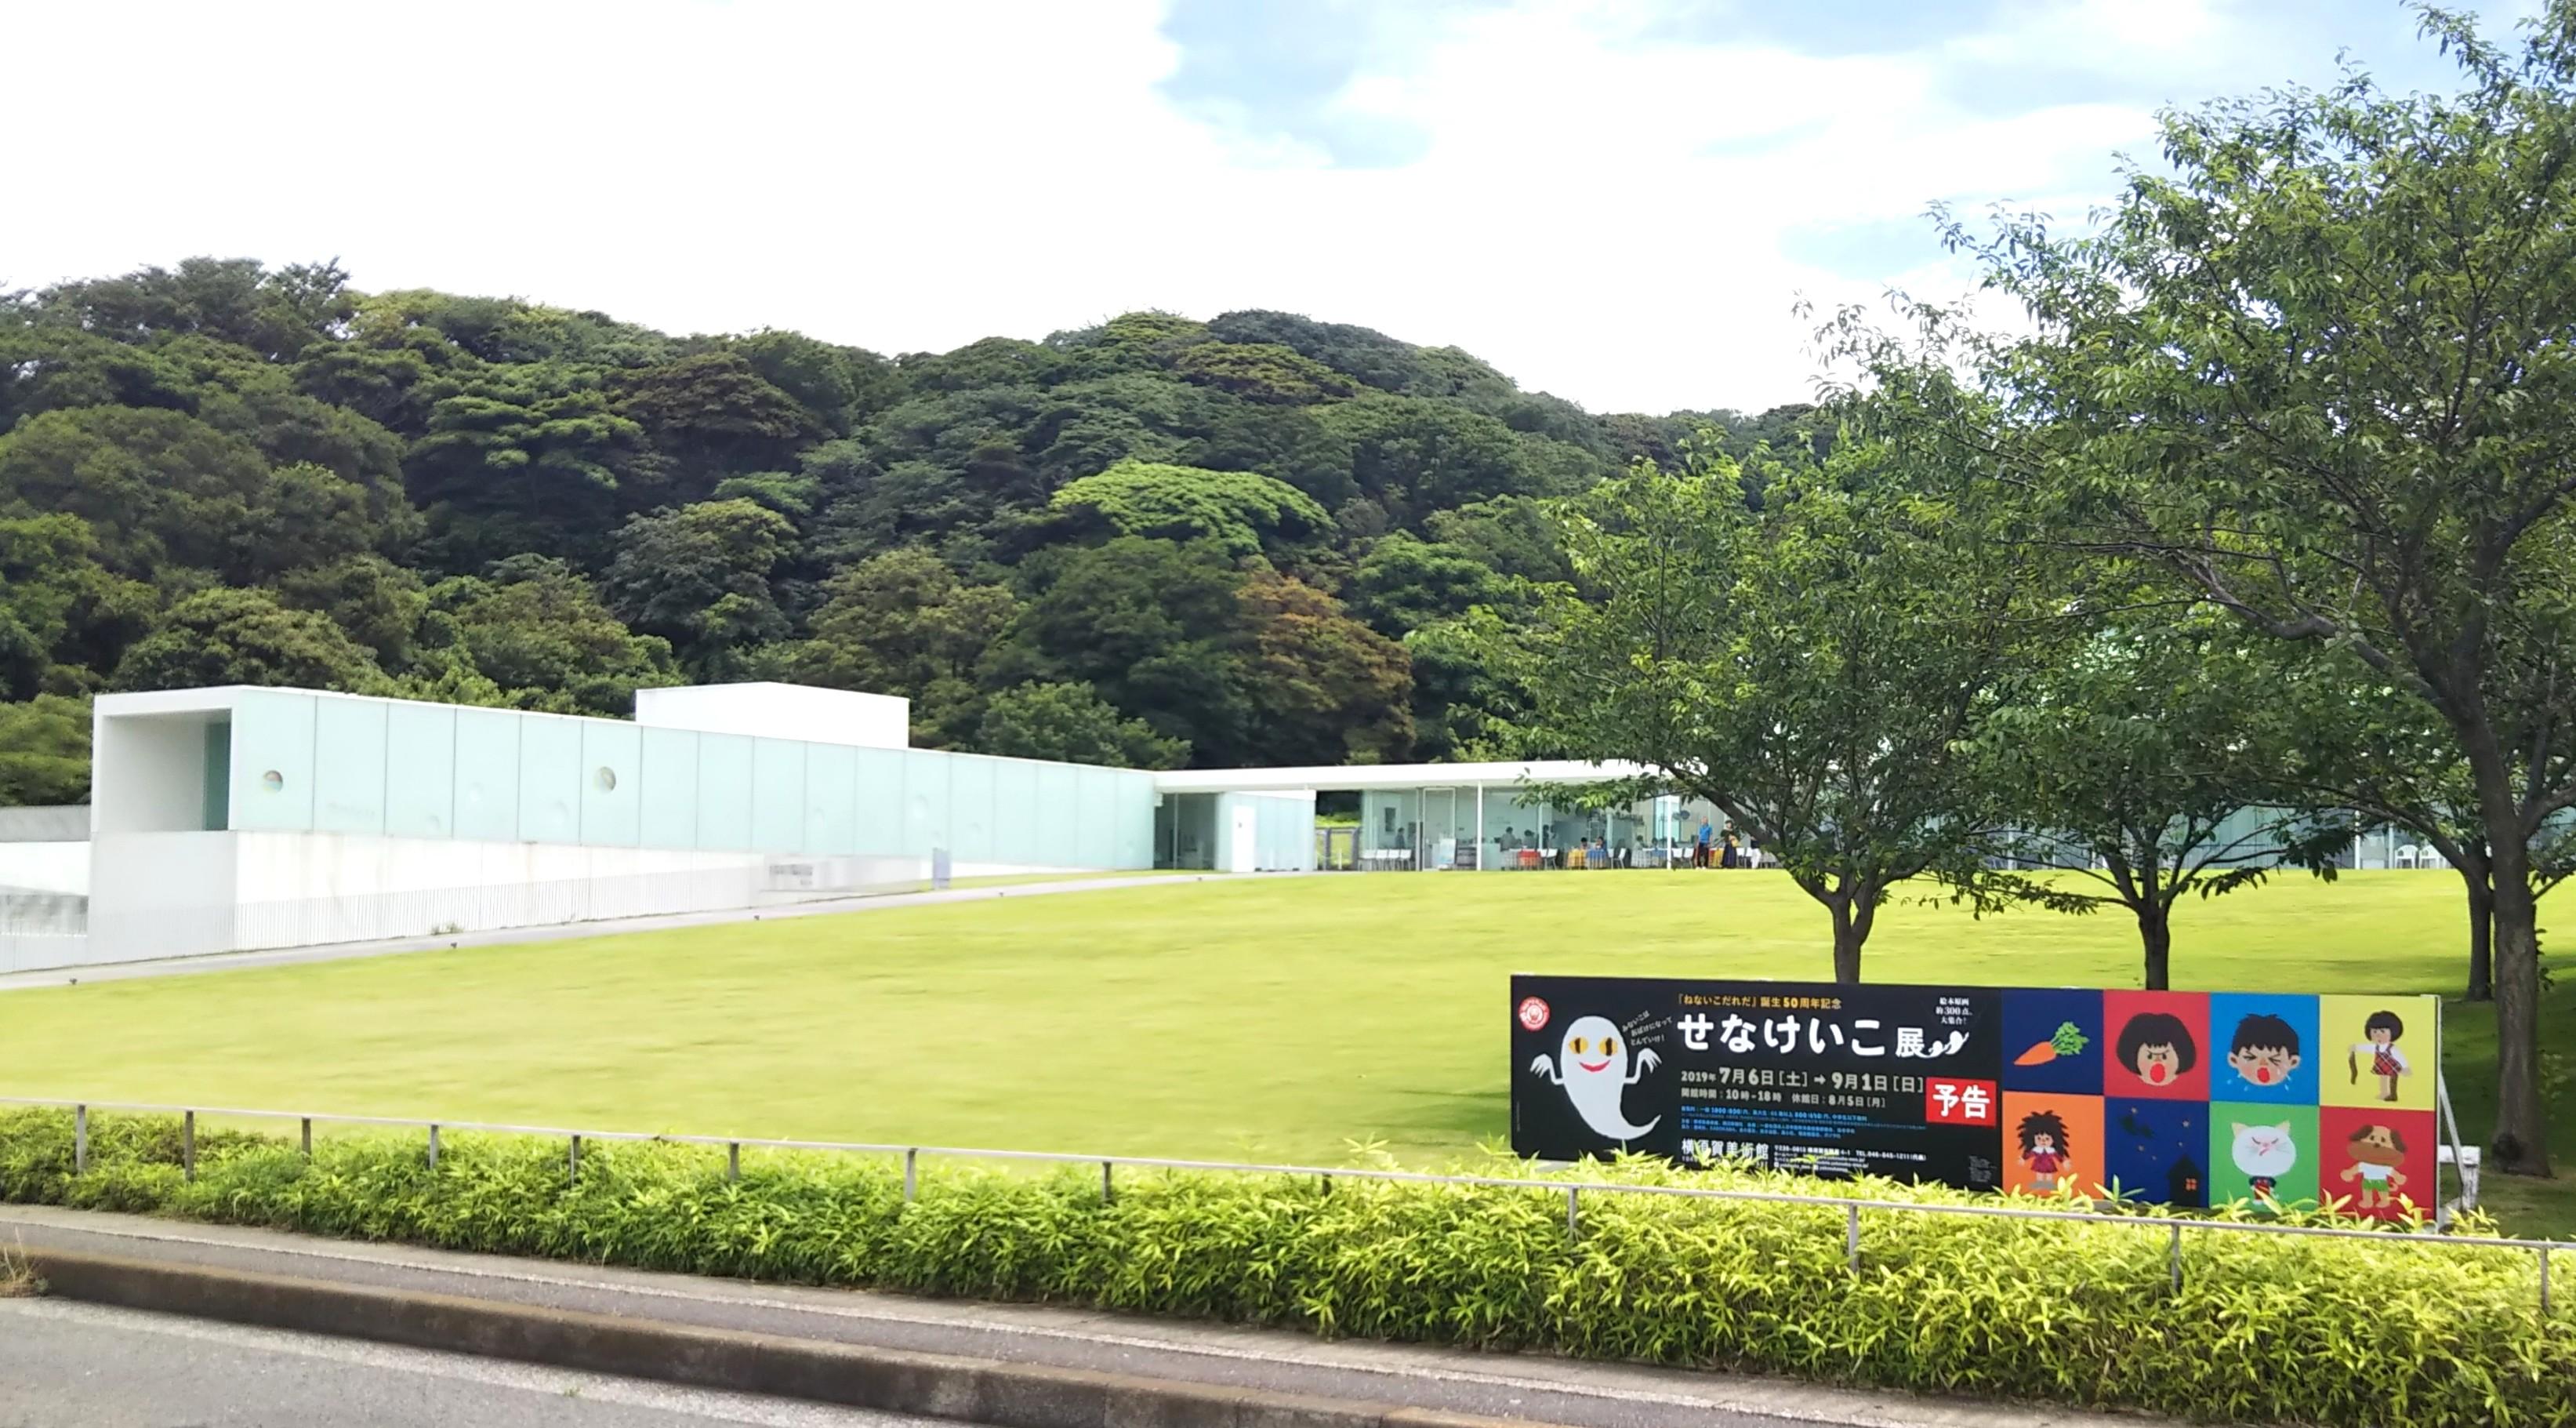 横須賀美術館遠景